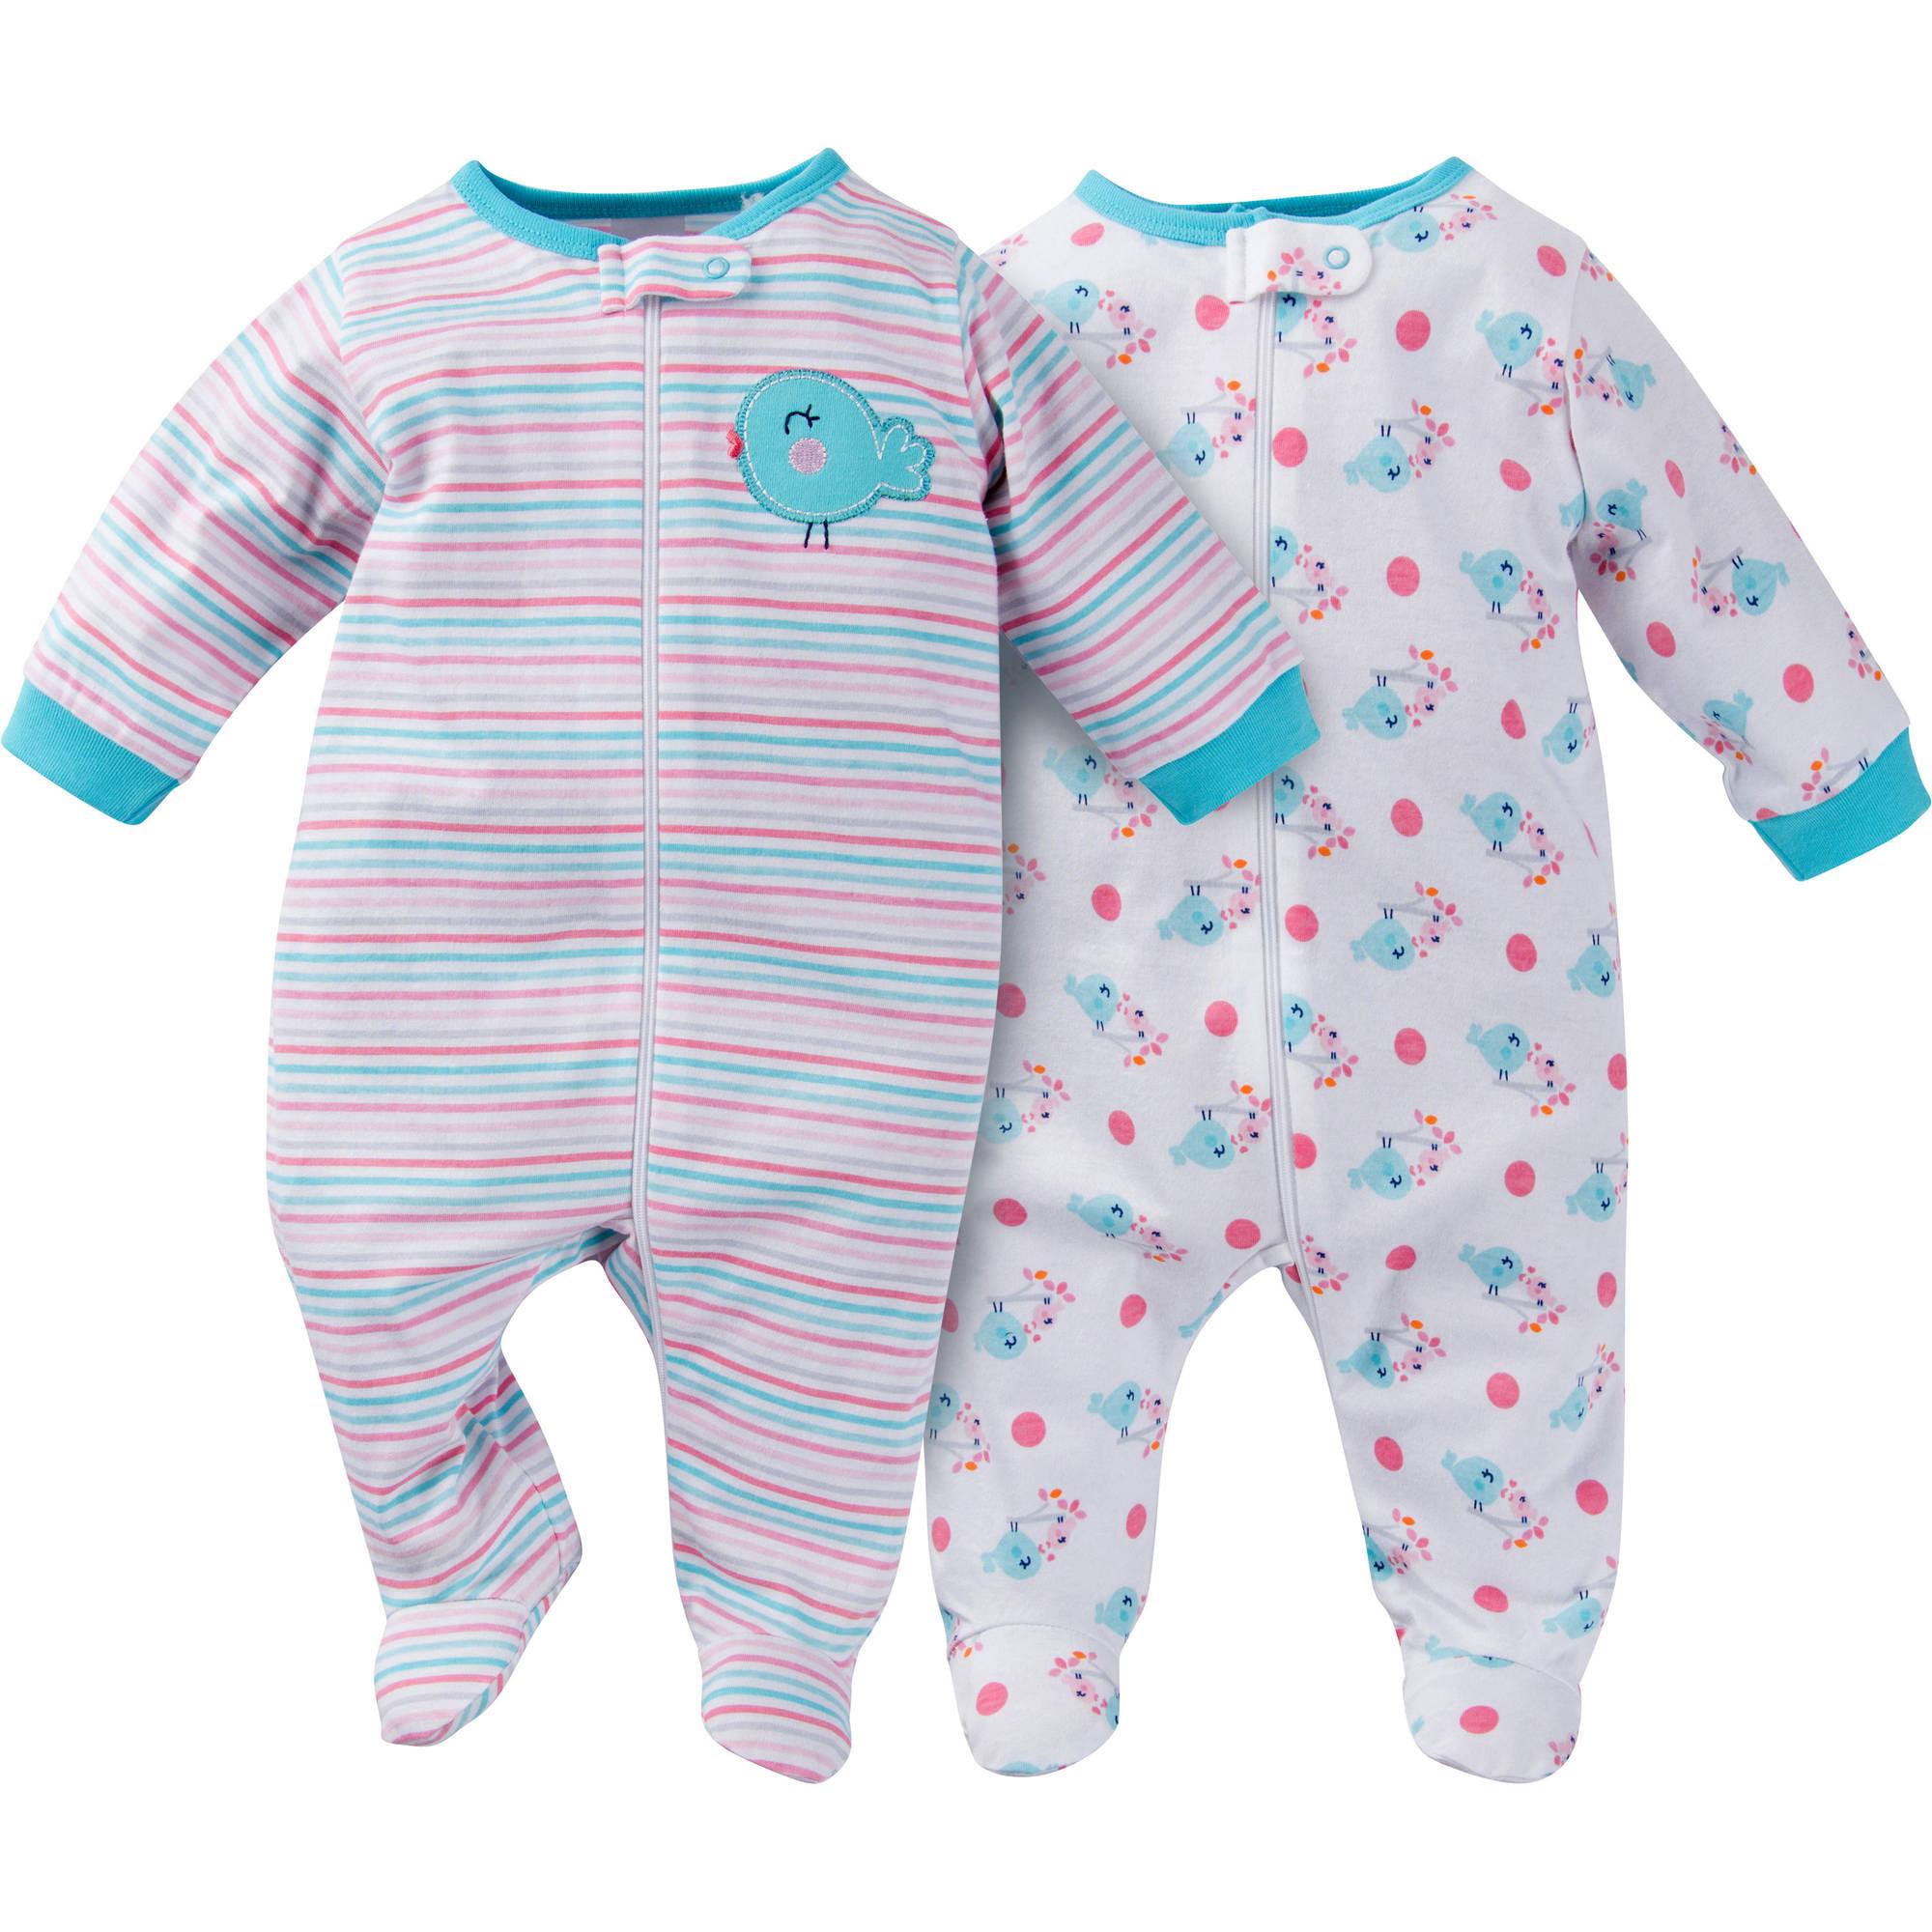 Newborn Baby Girl Zip Front Sleep N Plays 2 Pack Walmart Com